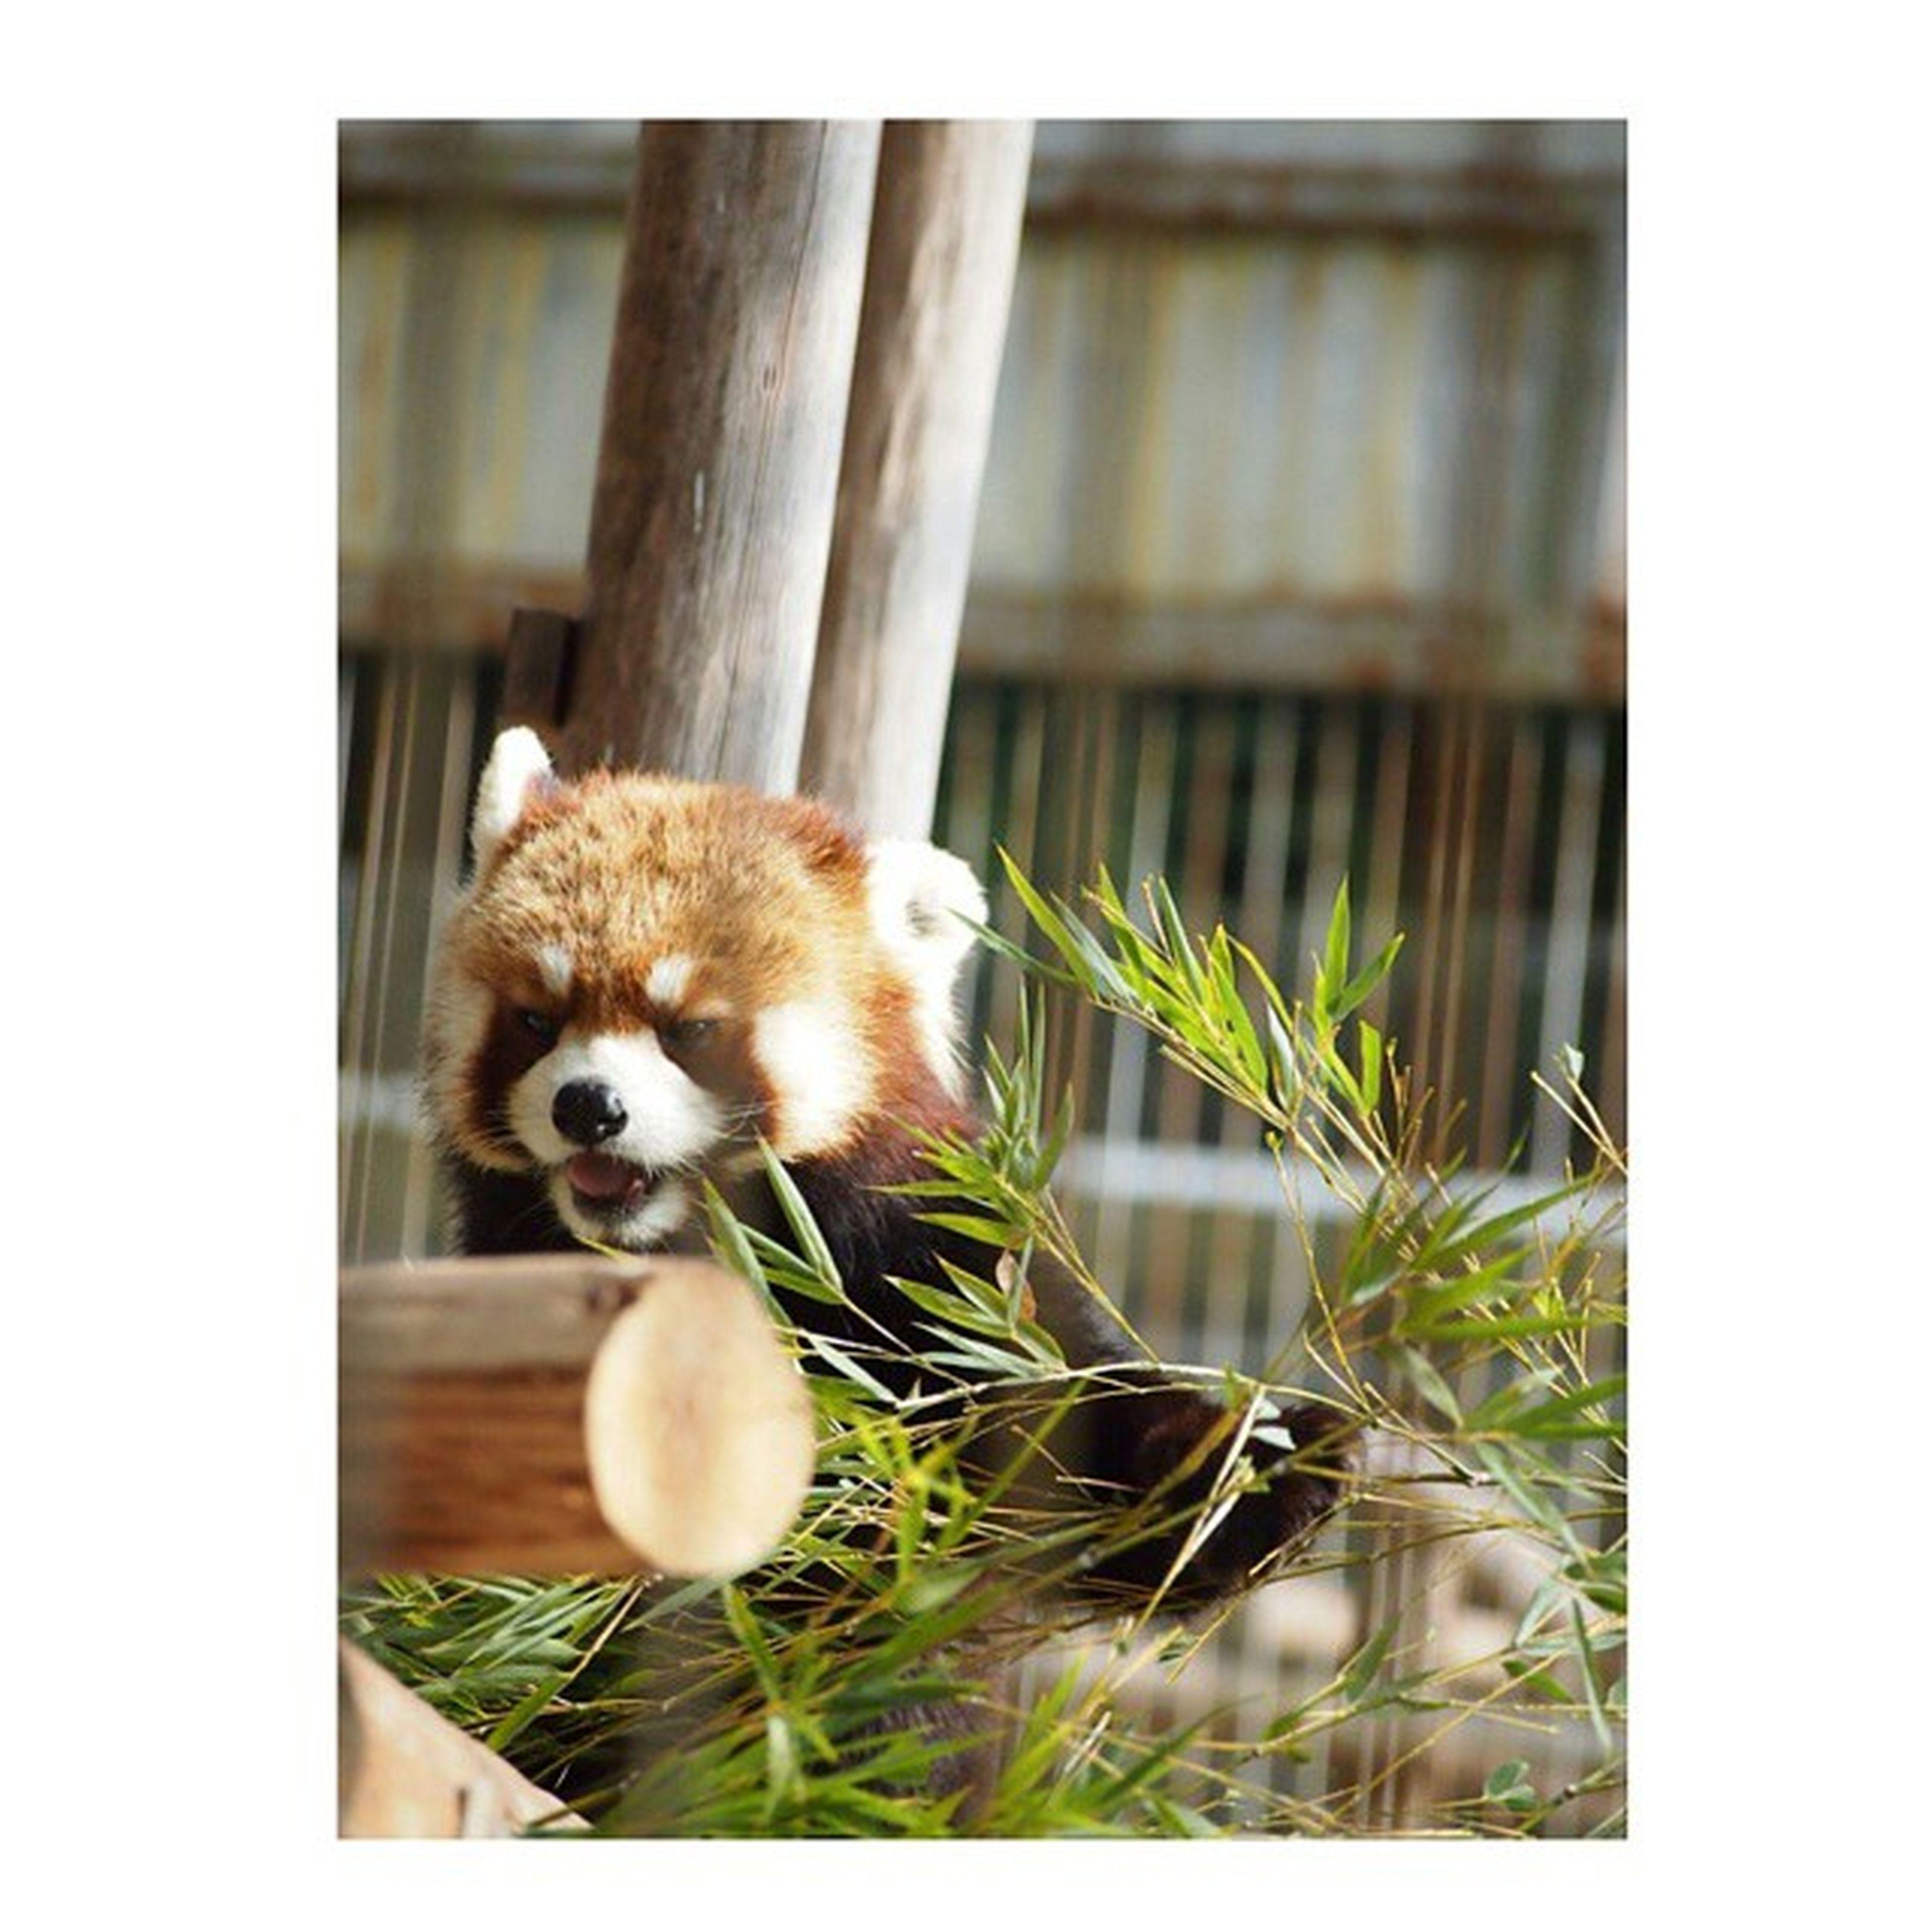 日曜日、動物園に行ってきました ・ 今年初の動物園、今回も動物たちにたくさんの元気をもらってきました◎ ・ ・ 1月に赤ちゃんが生まれるよーと聞いていたシマウマさんは、まだ大きなお腹をしていて、もうそろそろかな?と言う感じでした♩ ・ 春が近いからか、動物たちが少しそわそわしていて、ほとんどの動物たちが珍しく起きて活動していました 笑 ・ いつもはだらだら~っと寝ていてばかりなレッサーパンダだけど、今回はお食事シーンが見られました♡ 動物 動物園 Animals_cuts レッサーパンダ lesserpanda食事中zooanimals